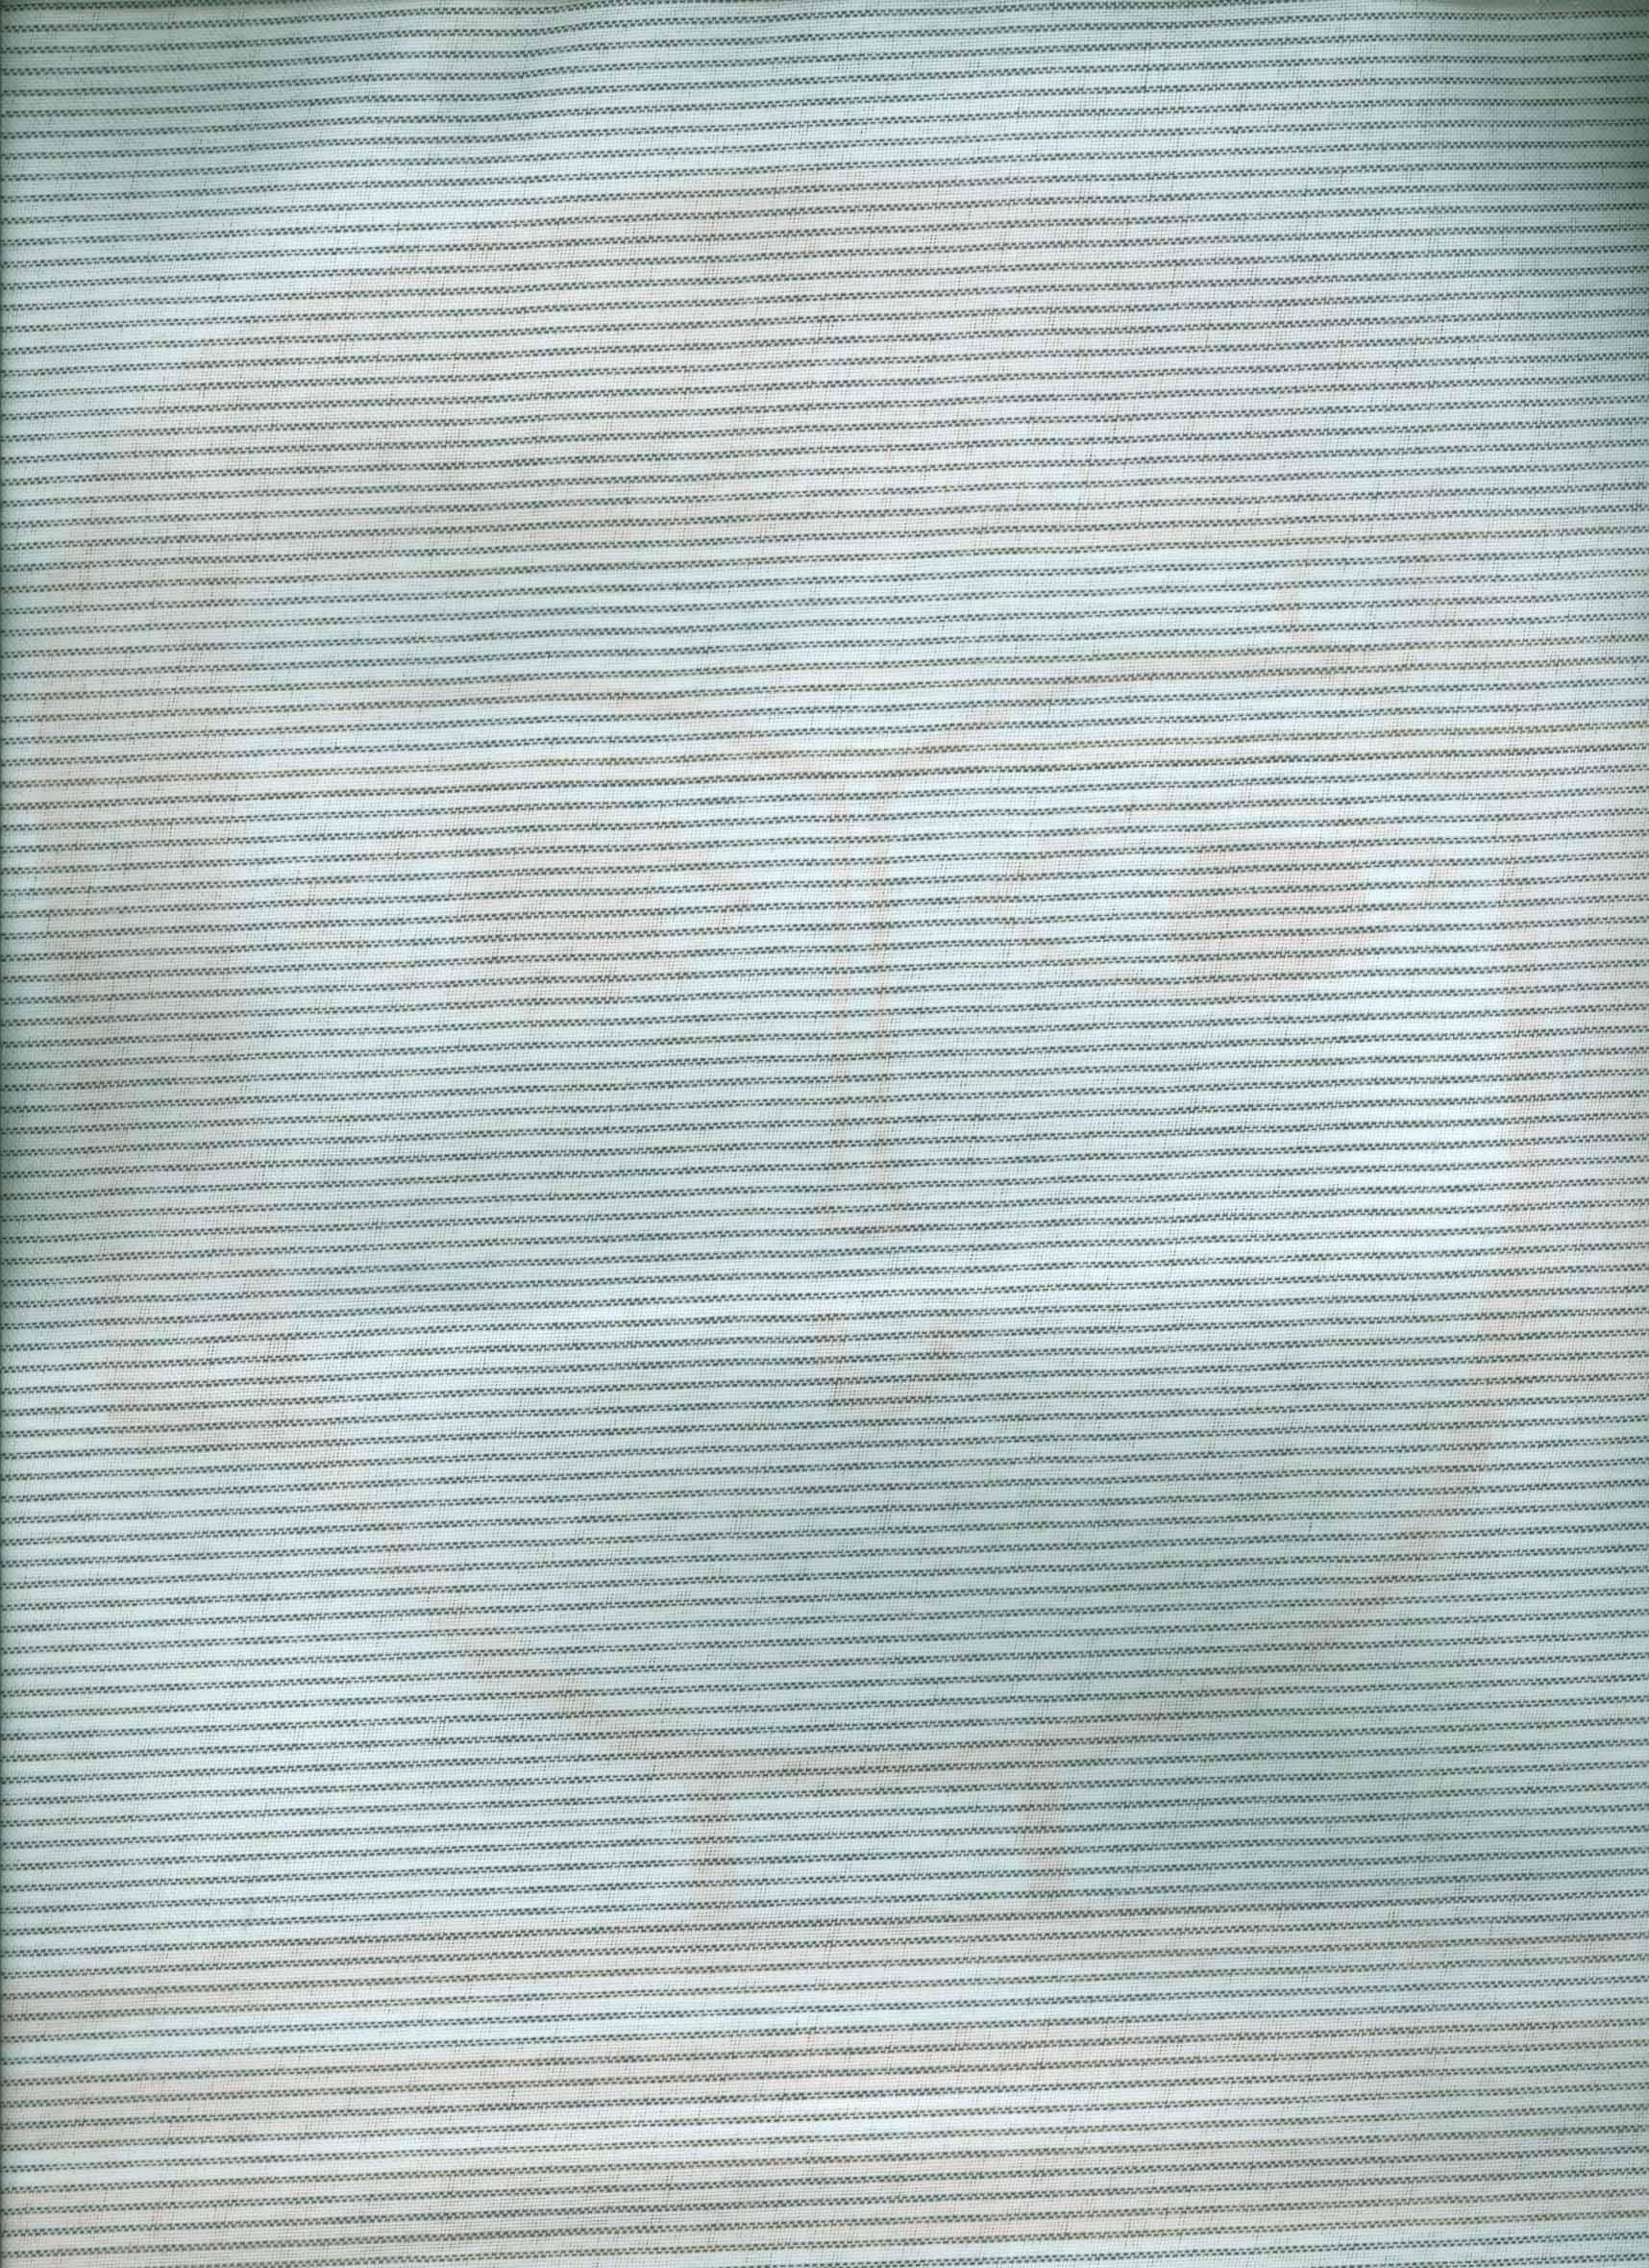 کیف پارچه ای متوسط متقال (کد 402)